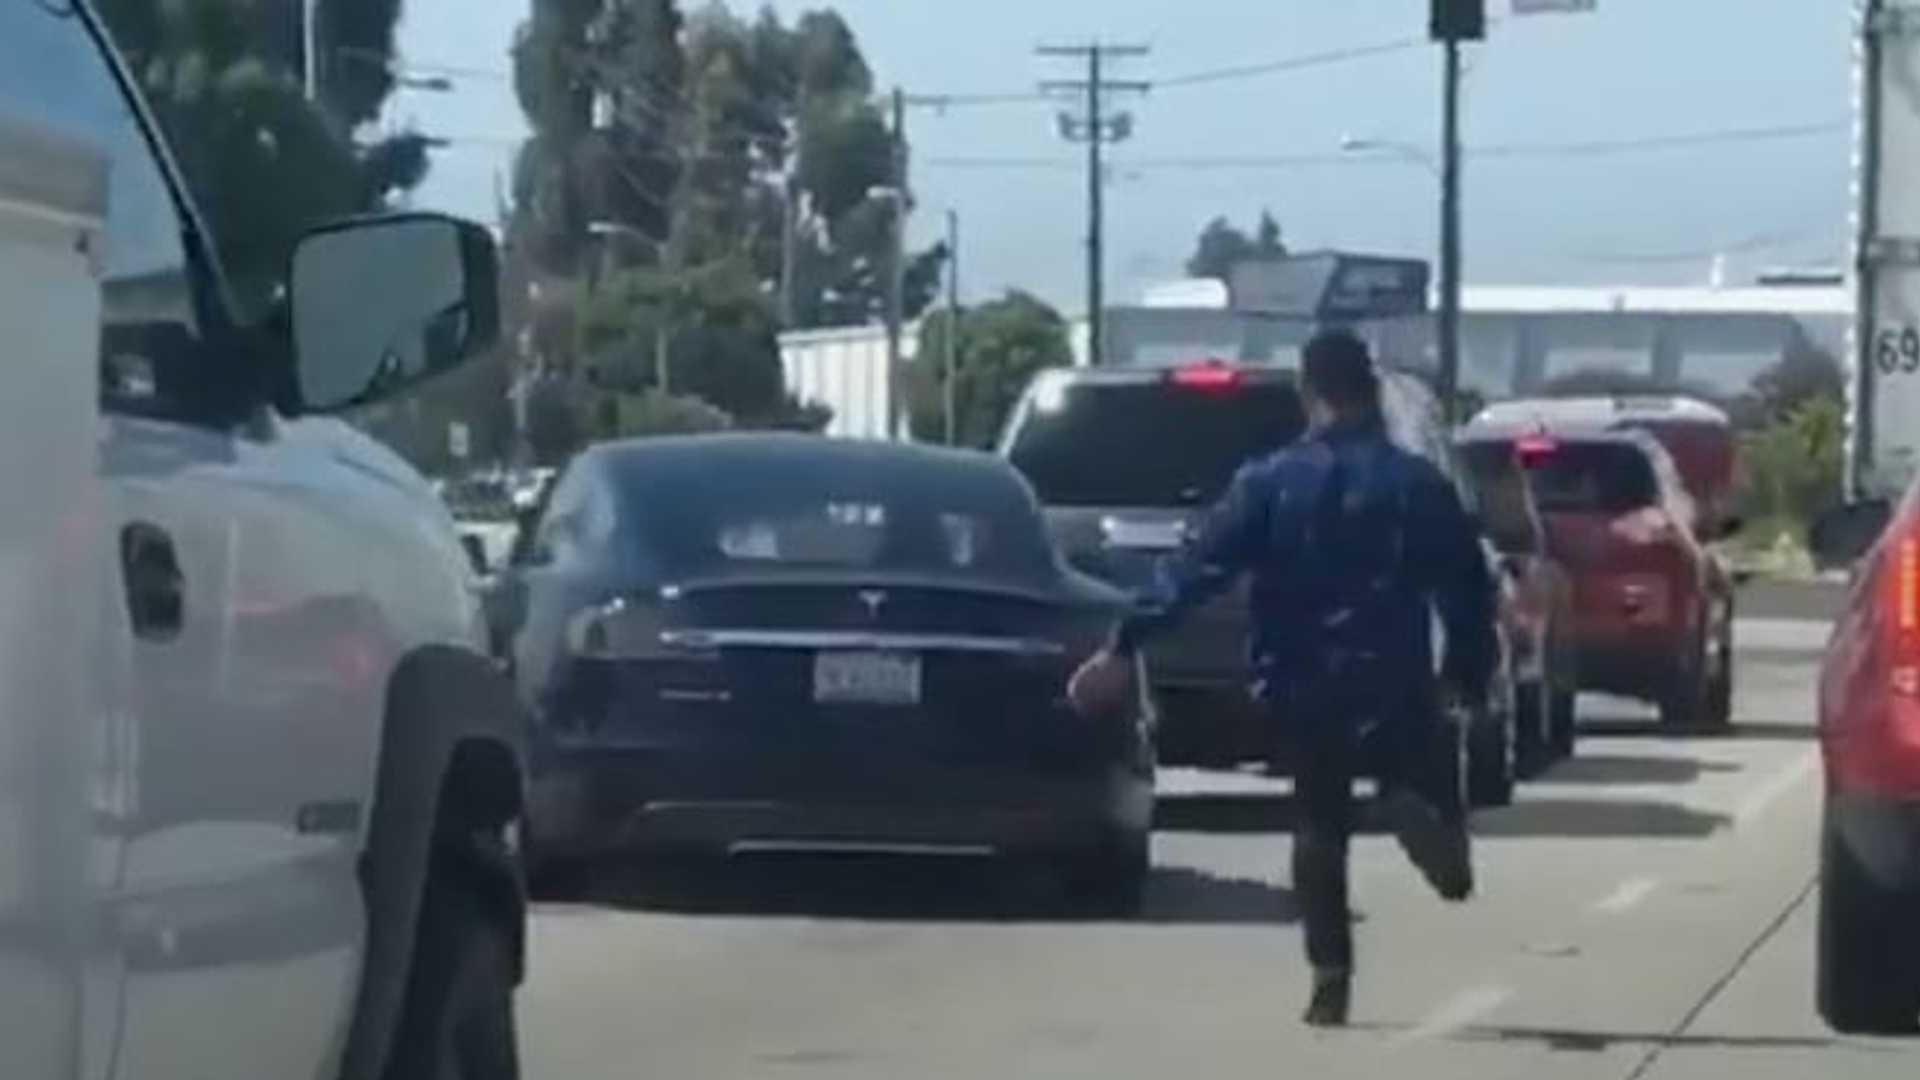 Видеокамера Dashcam захватывает Tesla Model S, инцидент с Chevy Camaro на дороге в Калифорнии